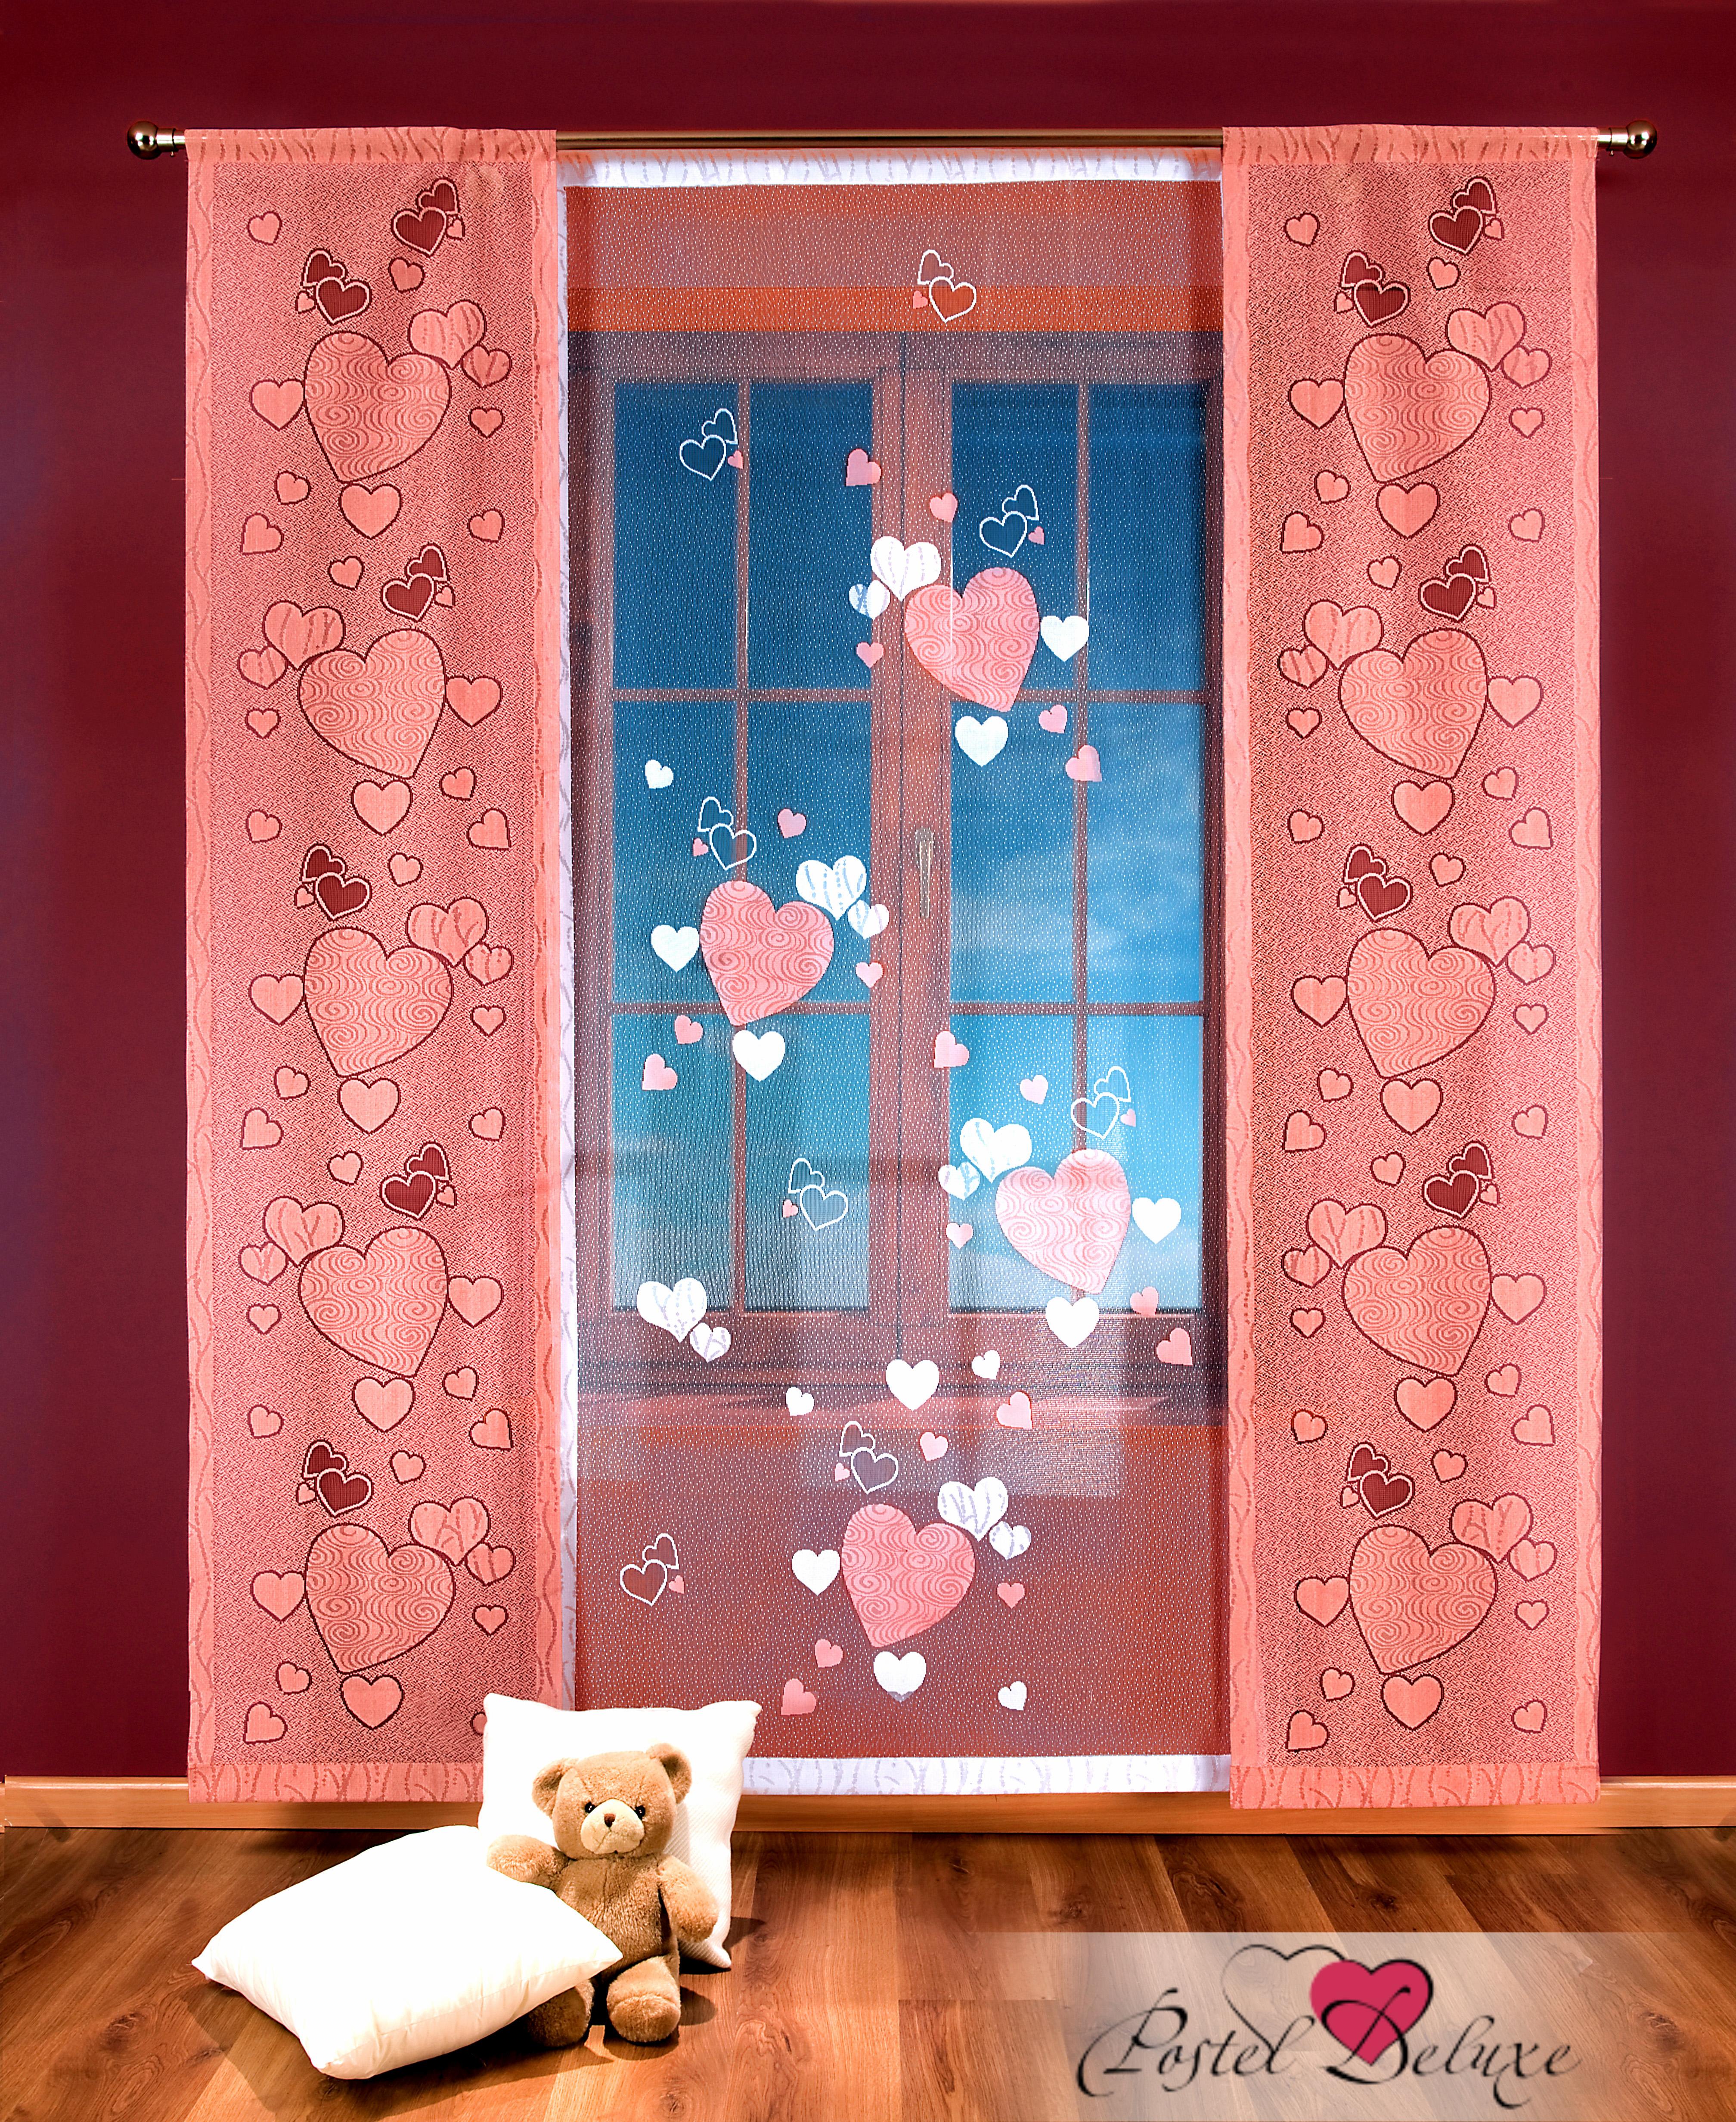 Шторы Wisan Японские шторы Сердечки Цвет: Розовый/Белый wisan wisan японские шторы concord